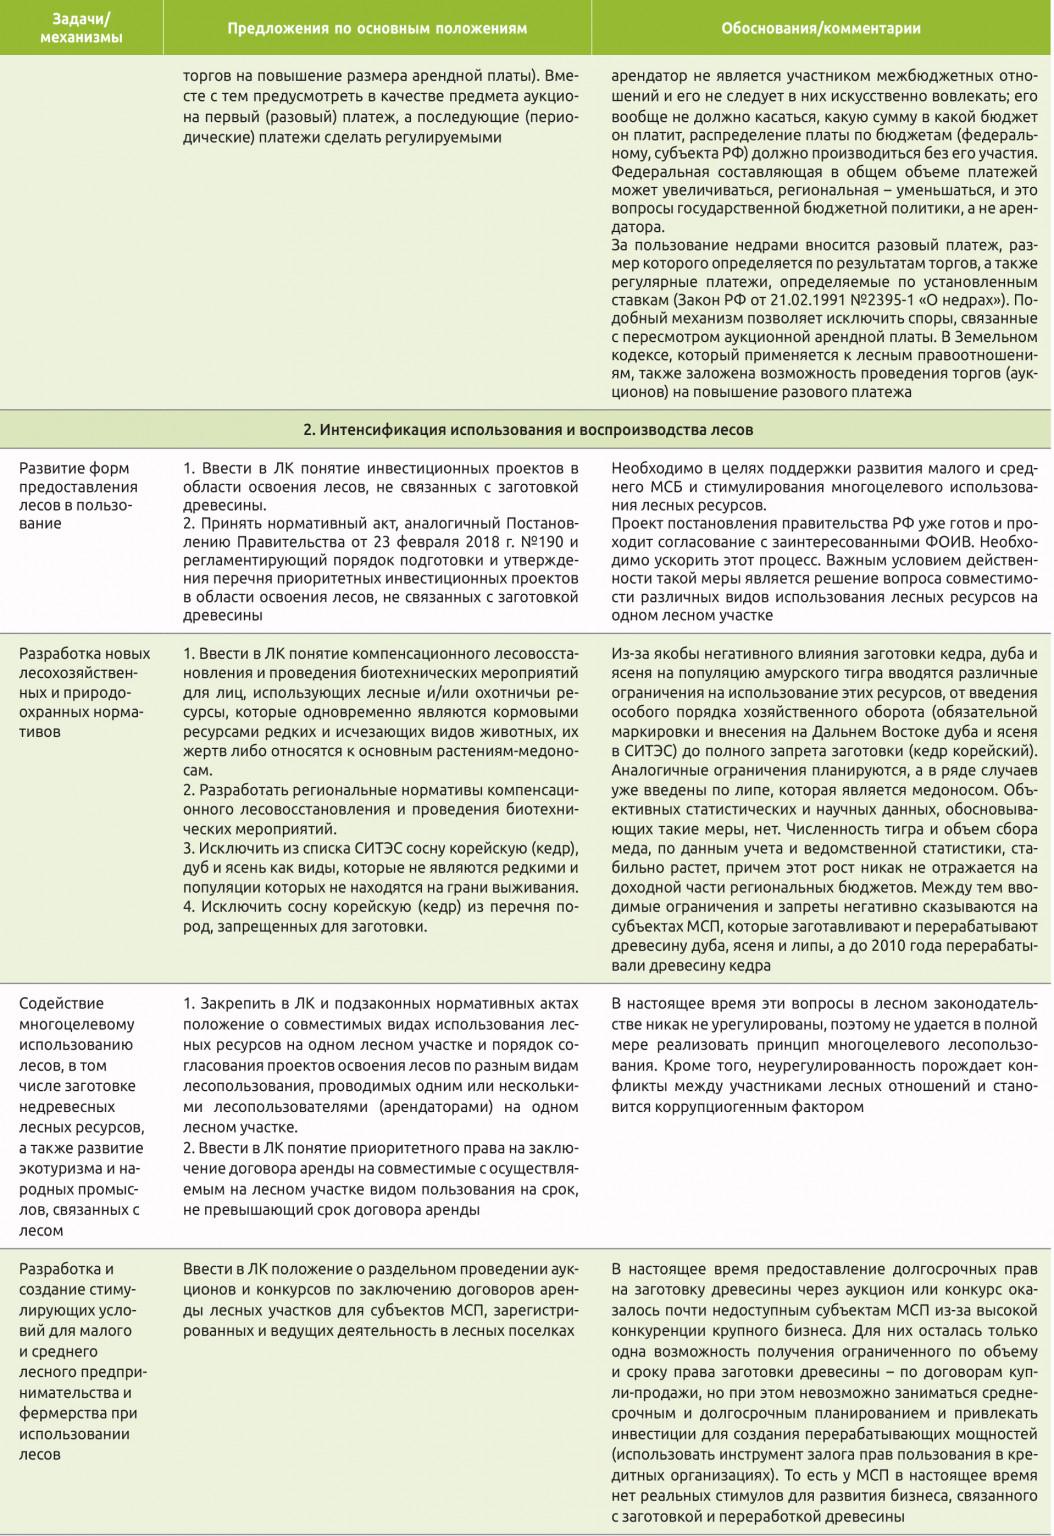 Предложения по некоторым направлениям (положениям) совершенствования лесного законодательства